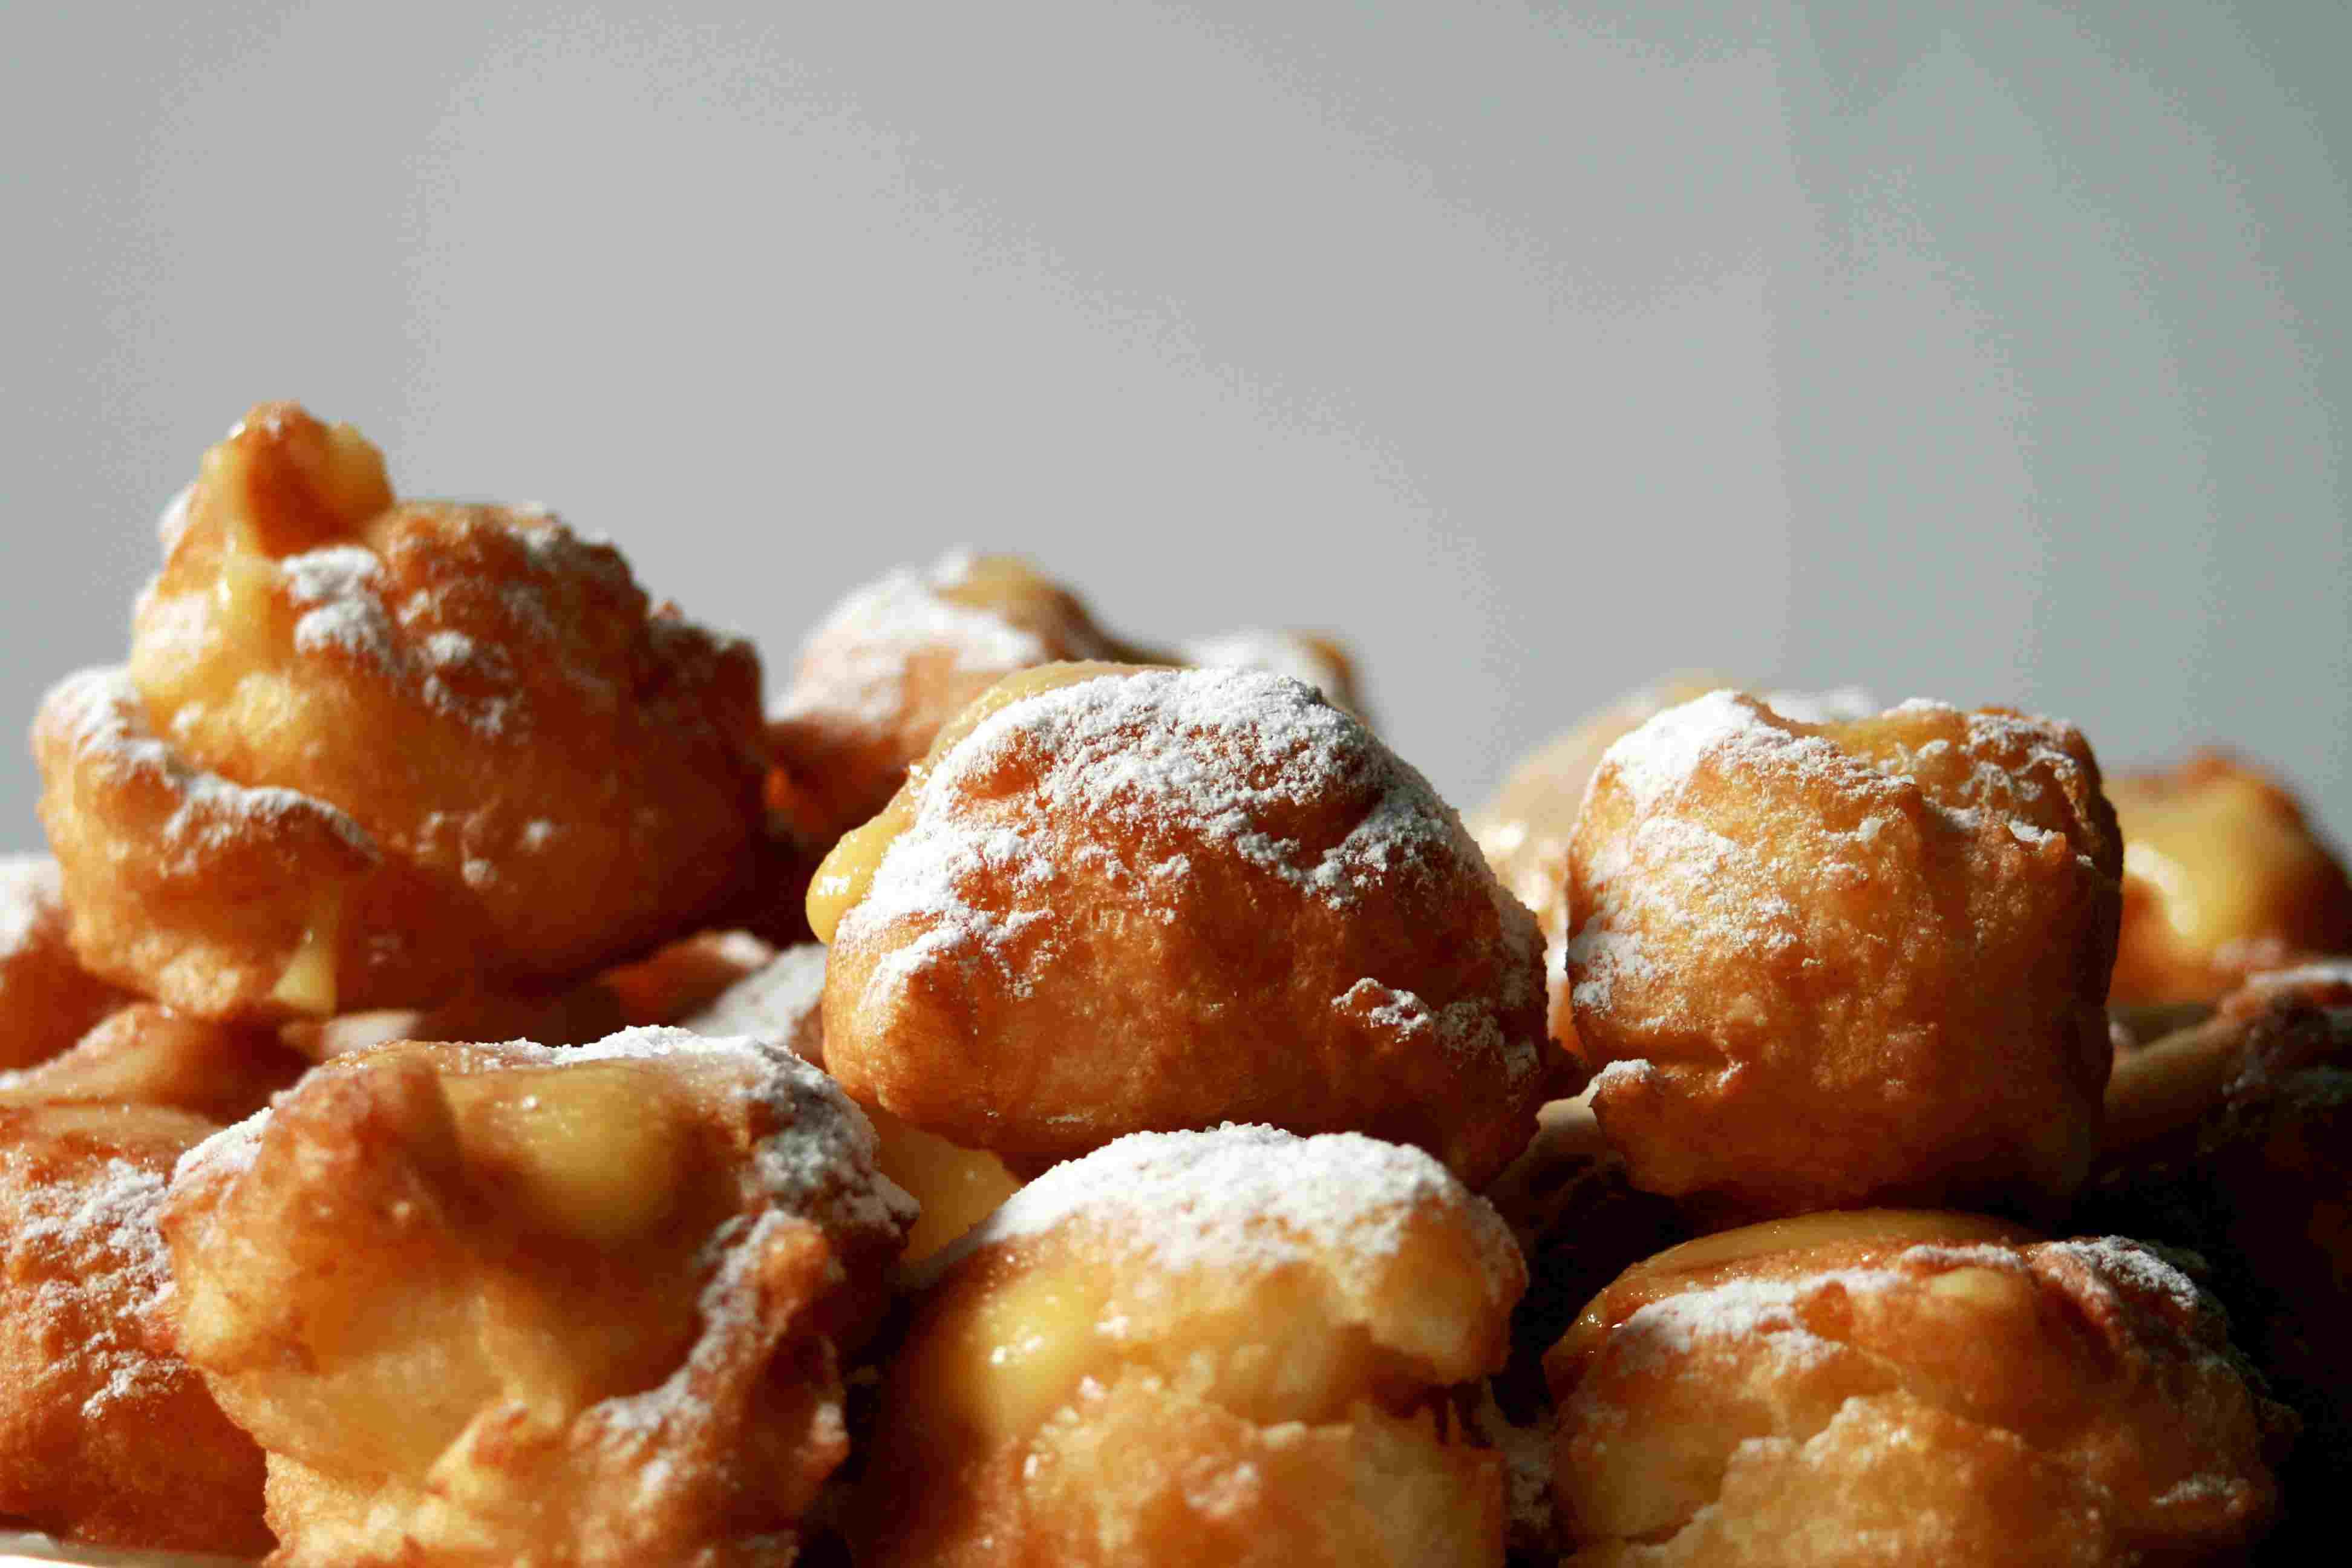 Croatian Doughnuts or Fritters